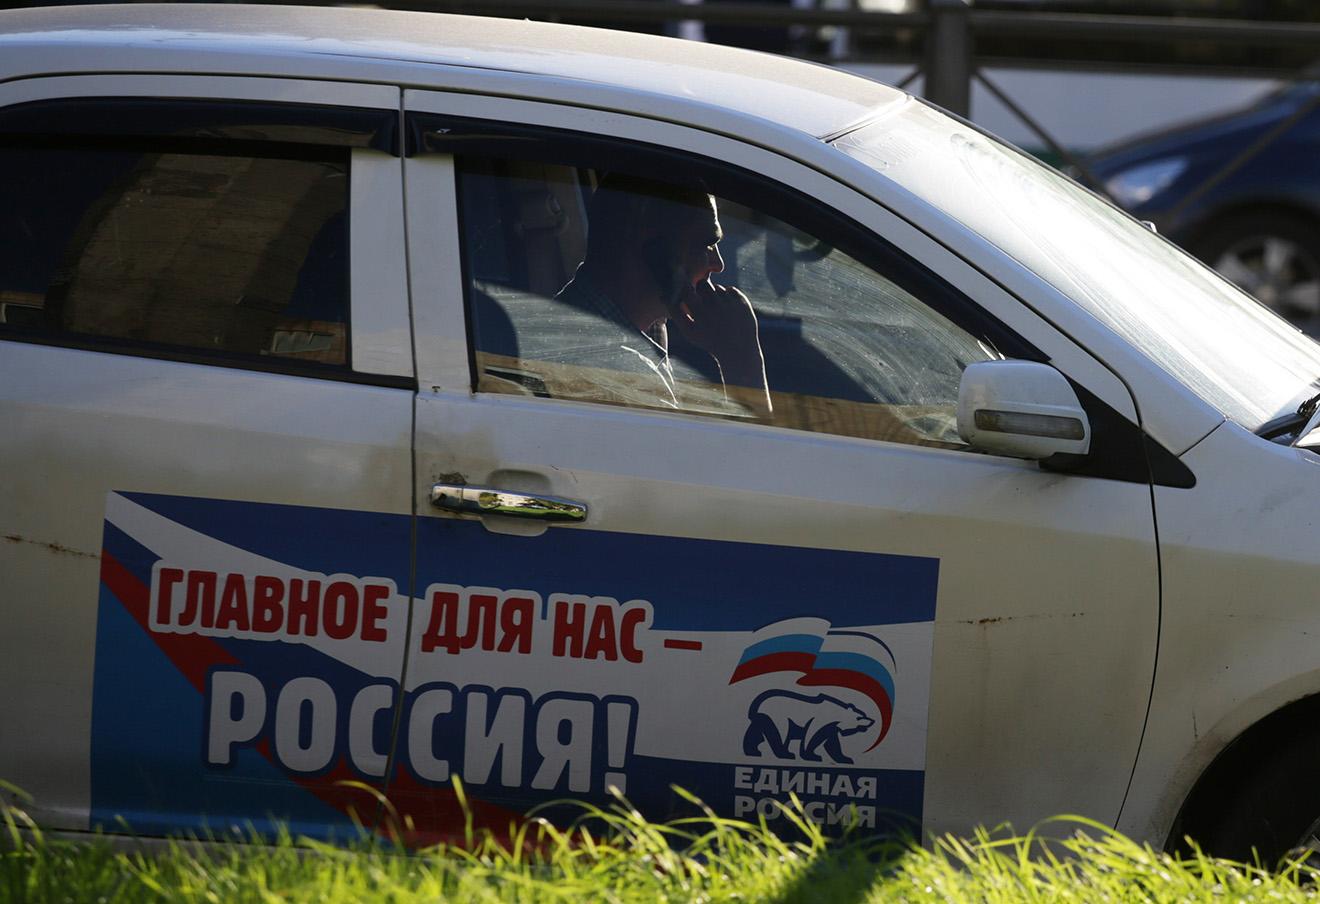 Фото: Антон Ваганов / ТАСС